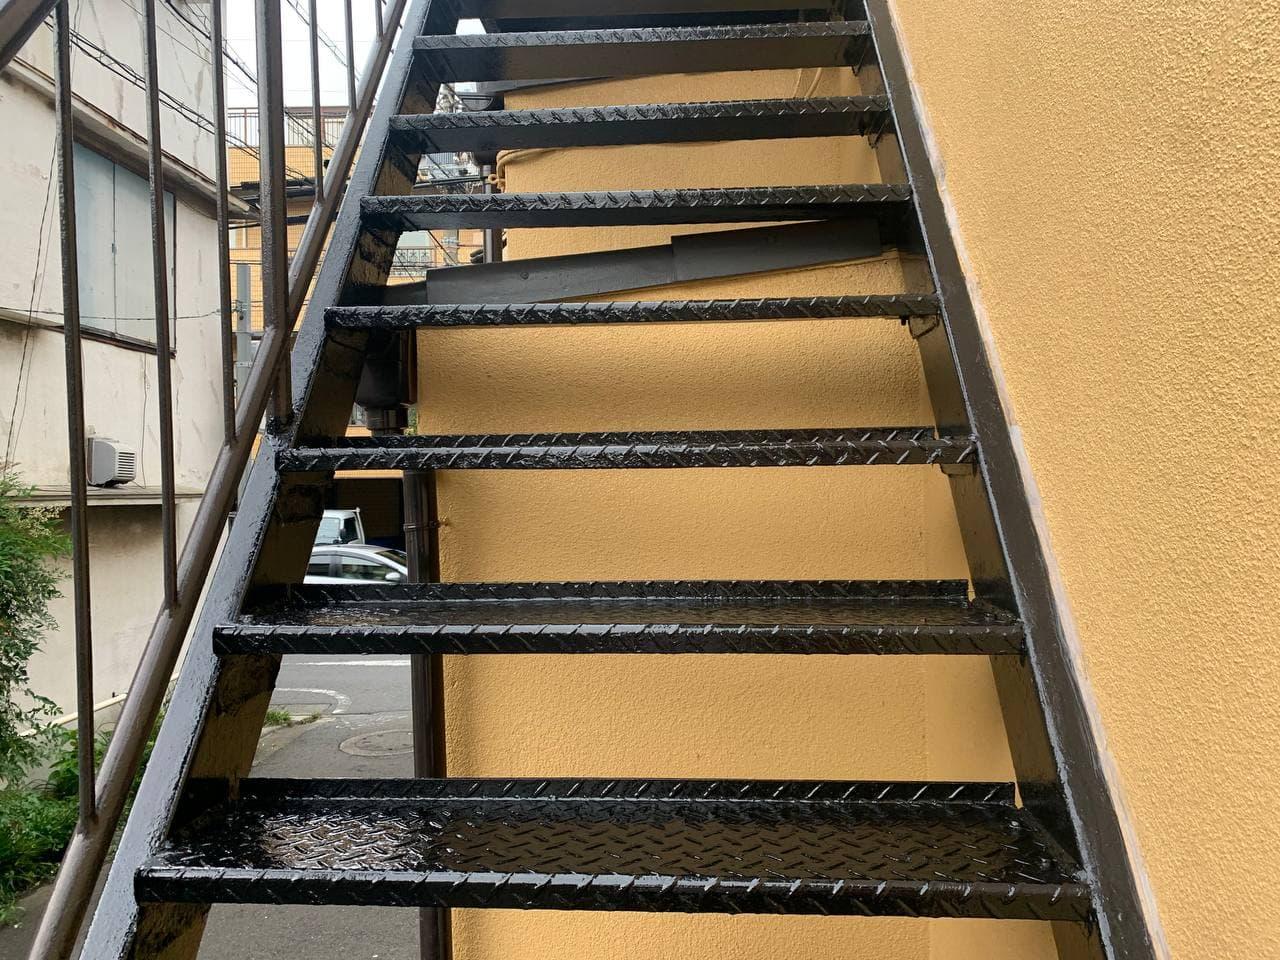 世田谷区で外付け階段溶接及び塗装工事